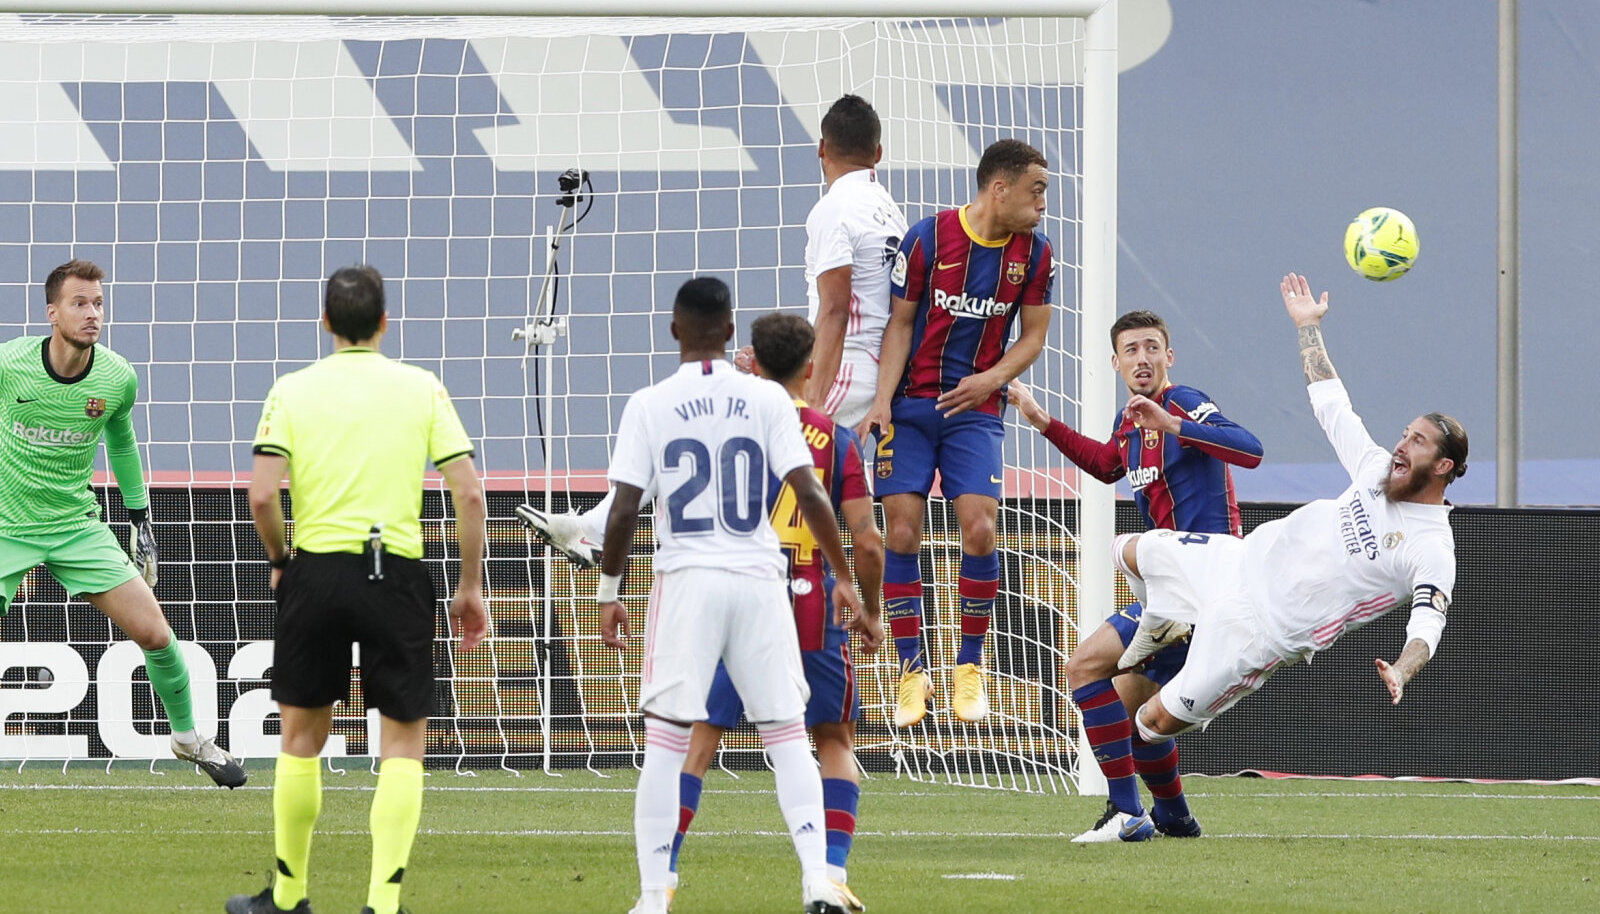 Penaltile eelnenud vea olukord, kus Sergio Ramos teatraalselt pärast särgist sikutamist pikali lendas.